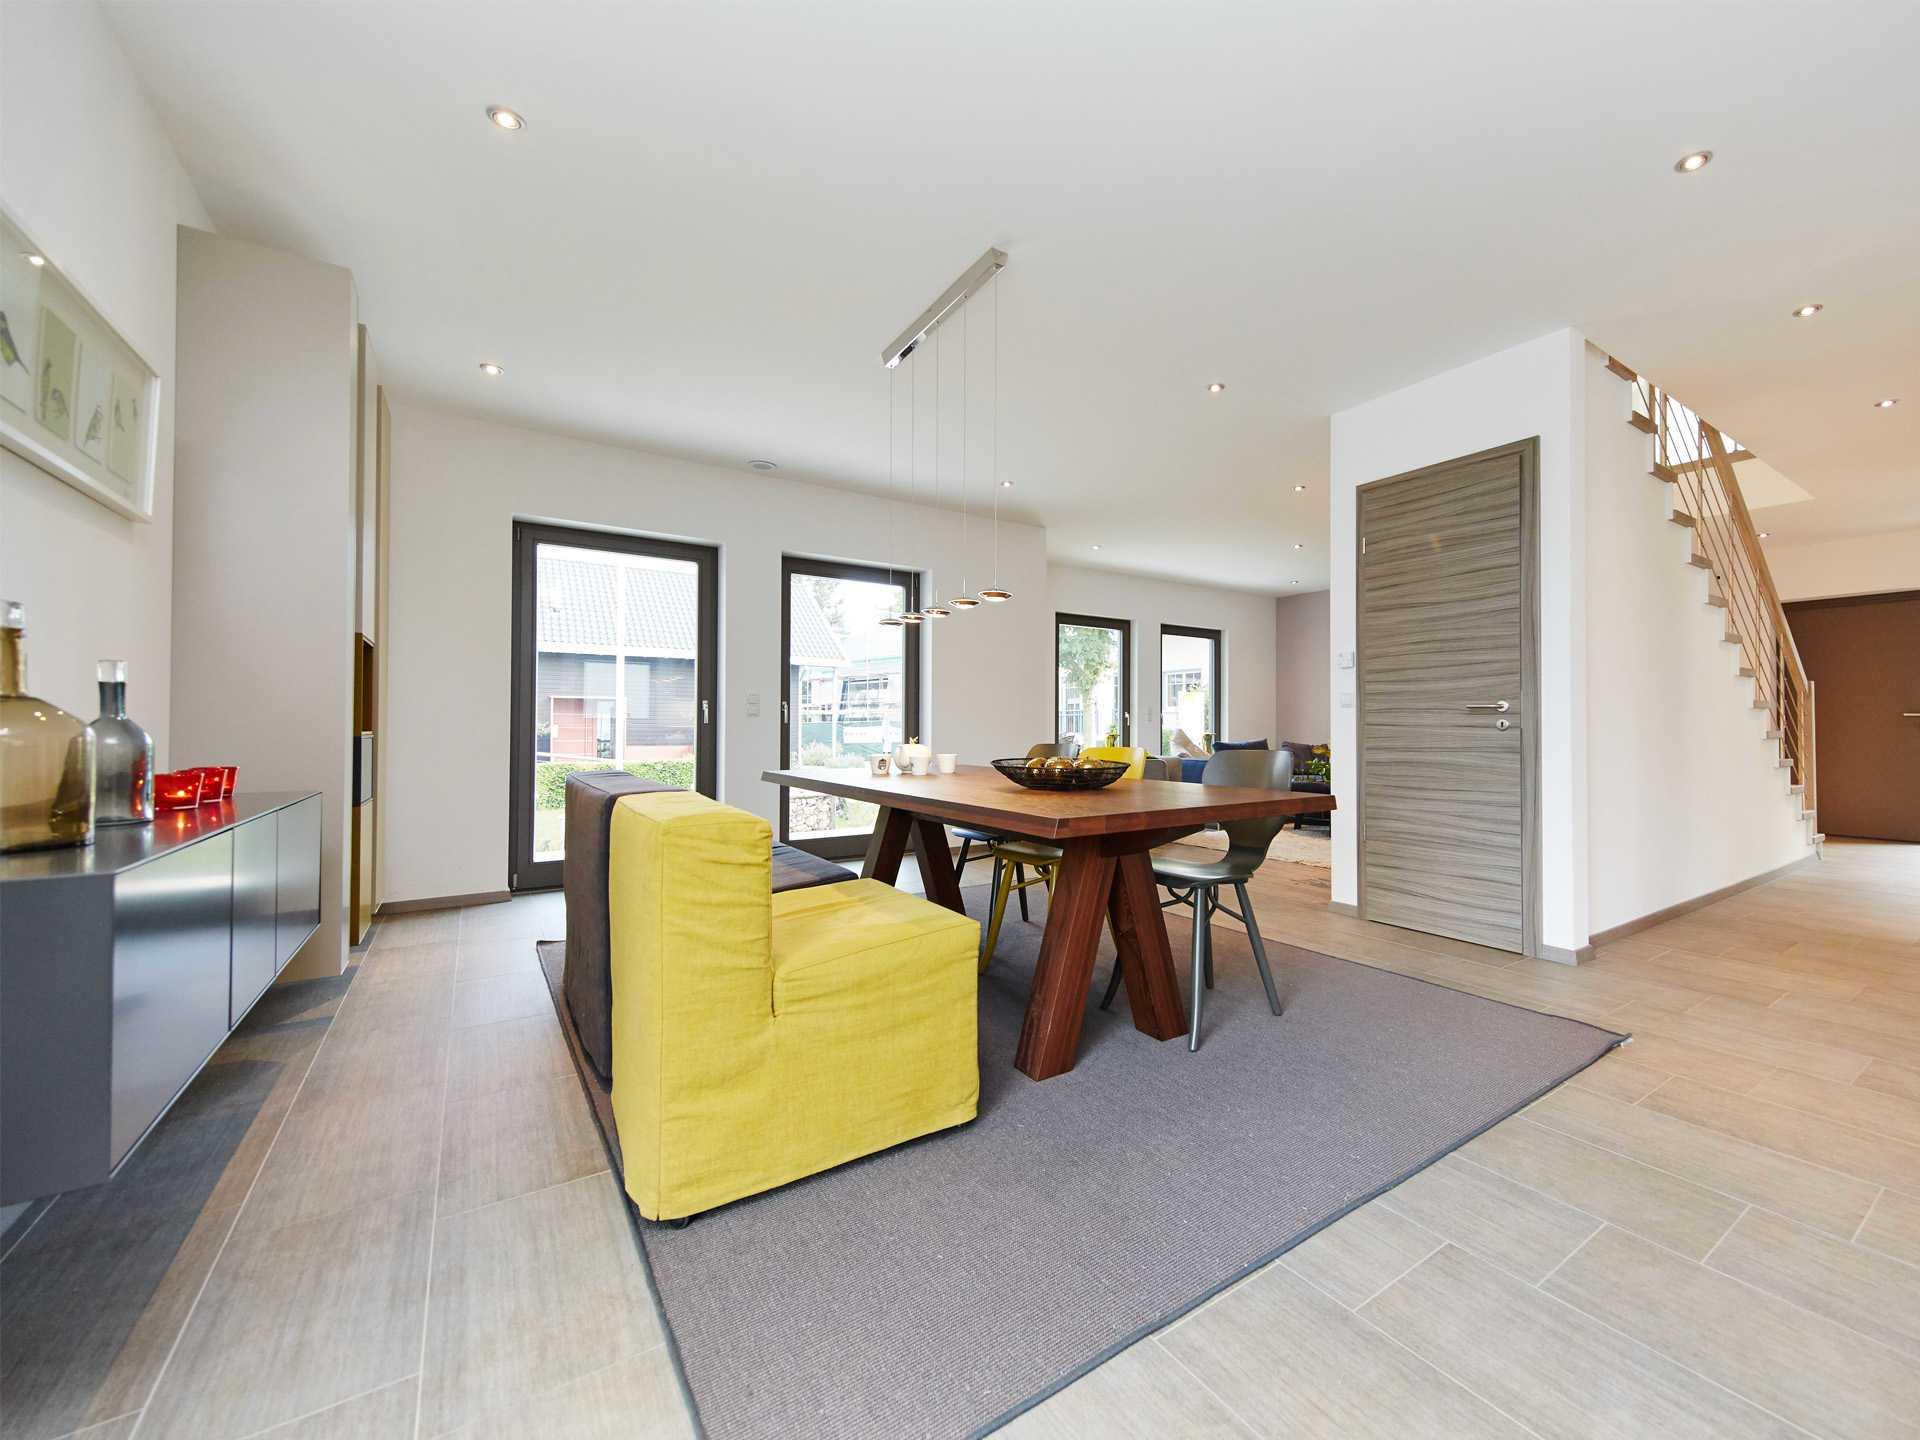 Wohnzimmer musterhaus home design inspiration und m bel for Wohnzimmer 36 berlin